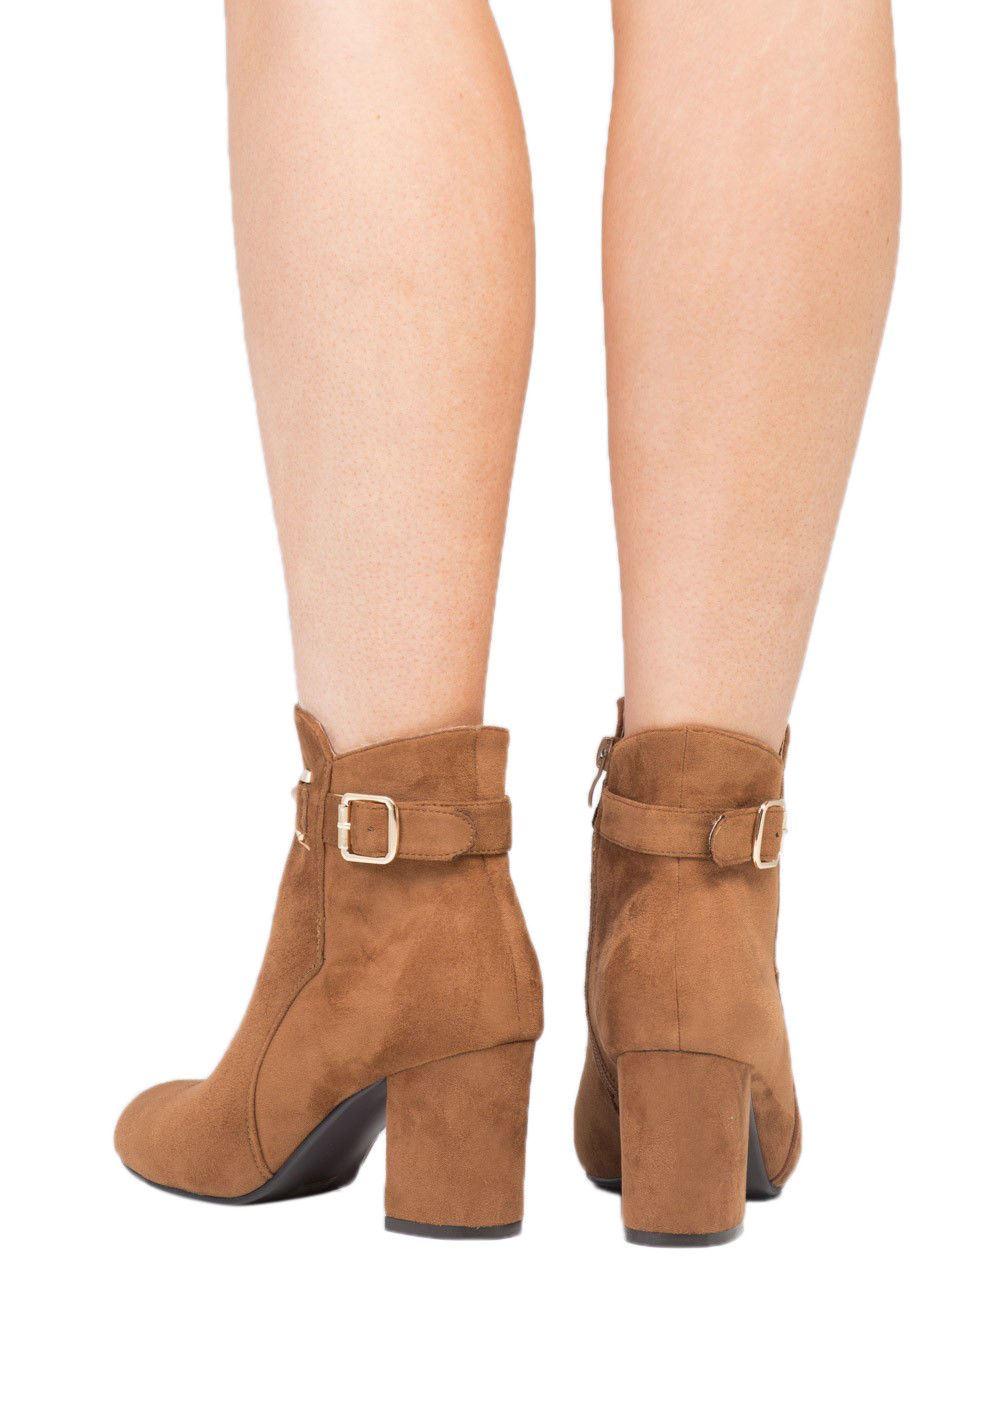 alla scamosciata Cintura invernali Stivaletti Pelle zip con con donna Scarpe cinturino sintetica caviglia da px47ff